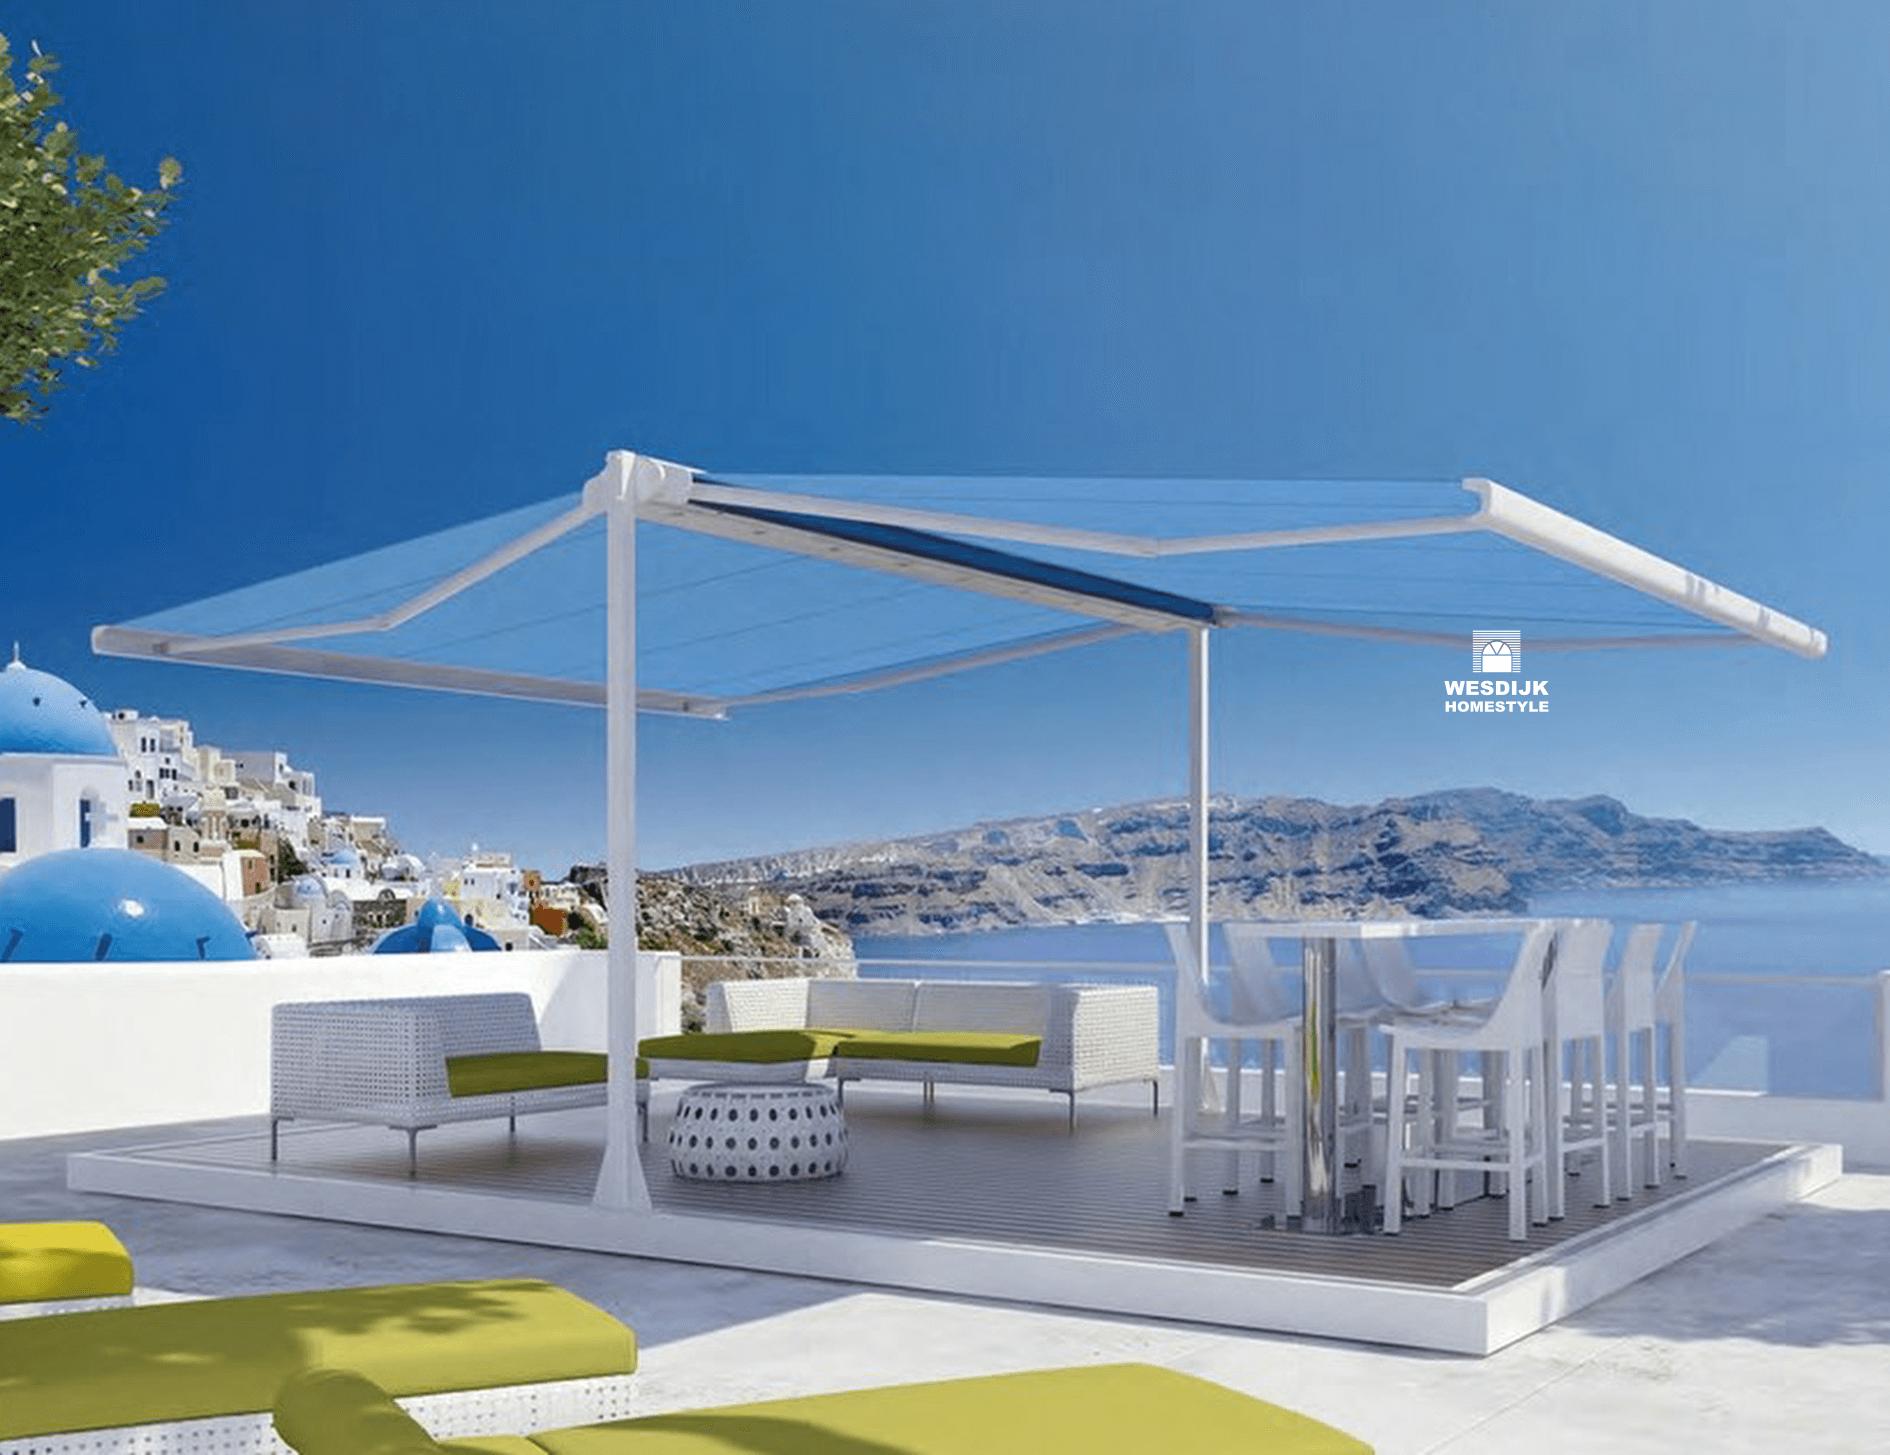 boxmobil Knikarmscherm met Zonwering specialist Zeeland knikarmschermen zonneschermen